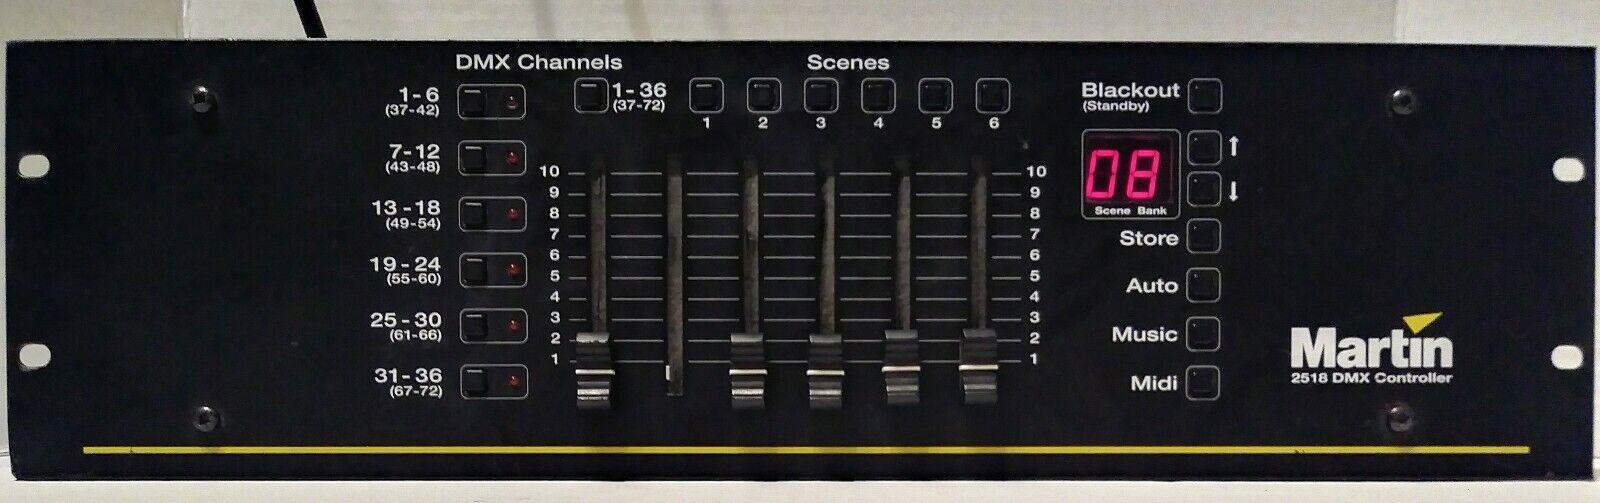 Martin 2518 DMX Controller